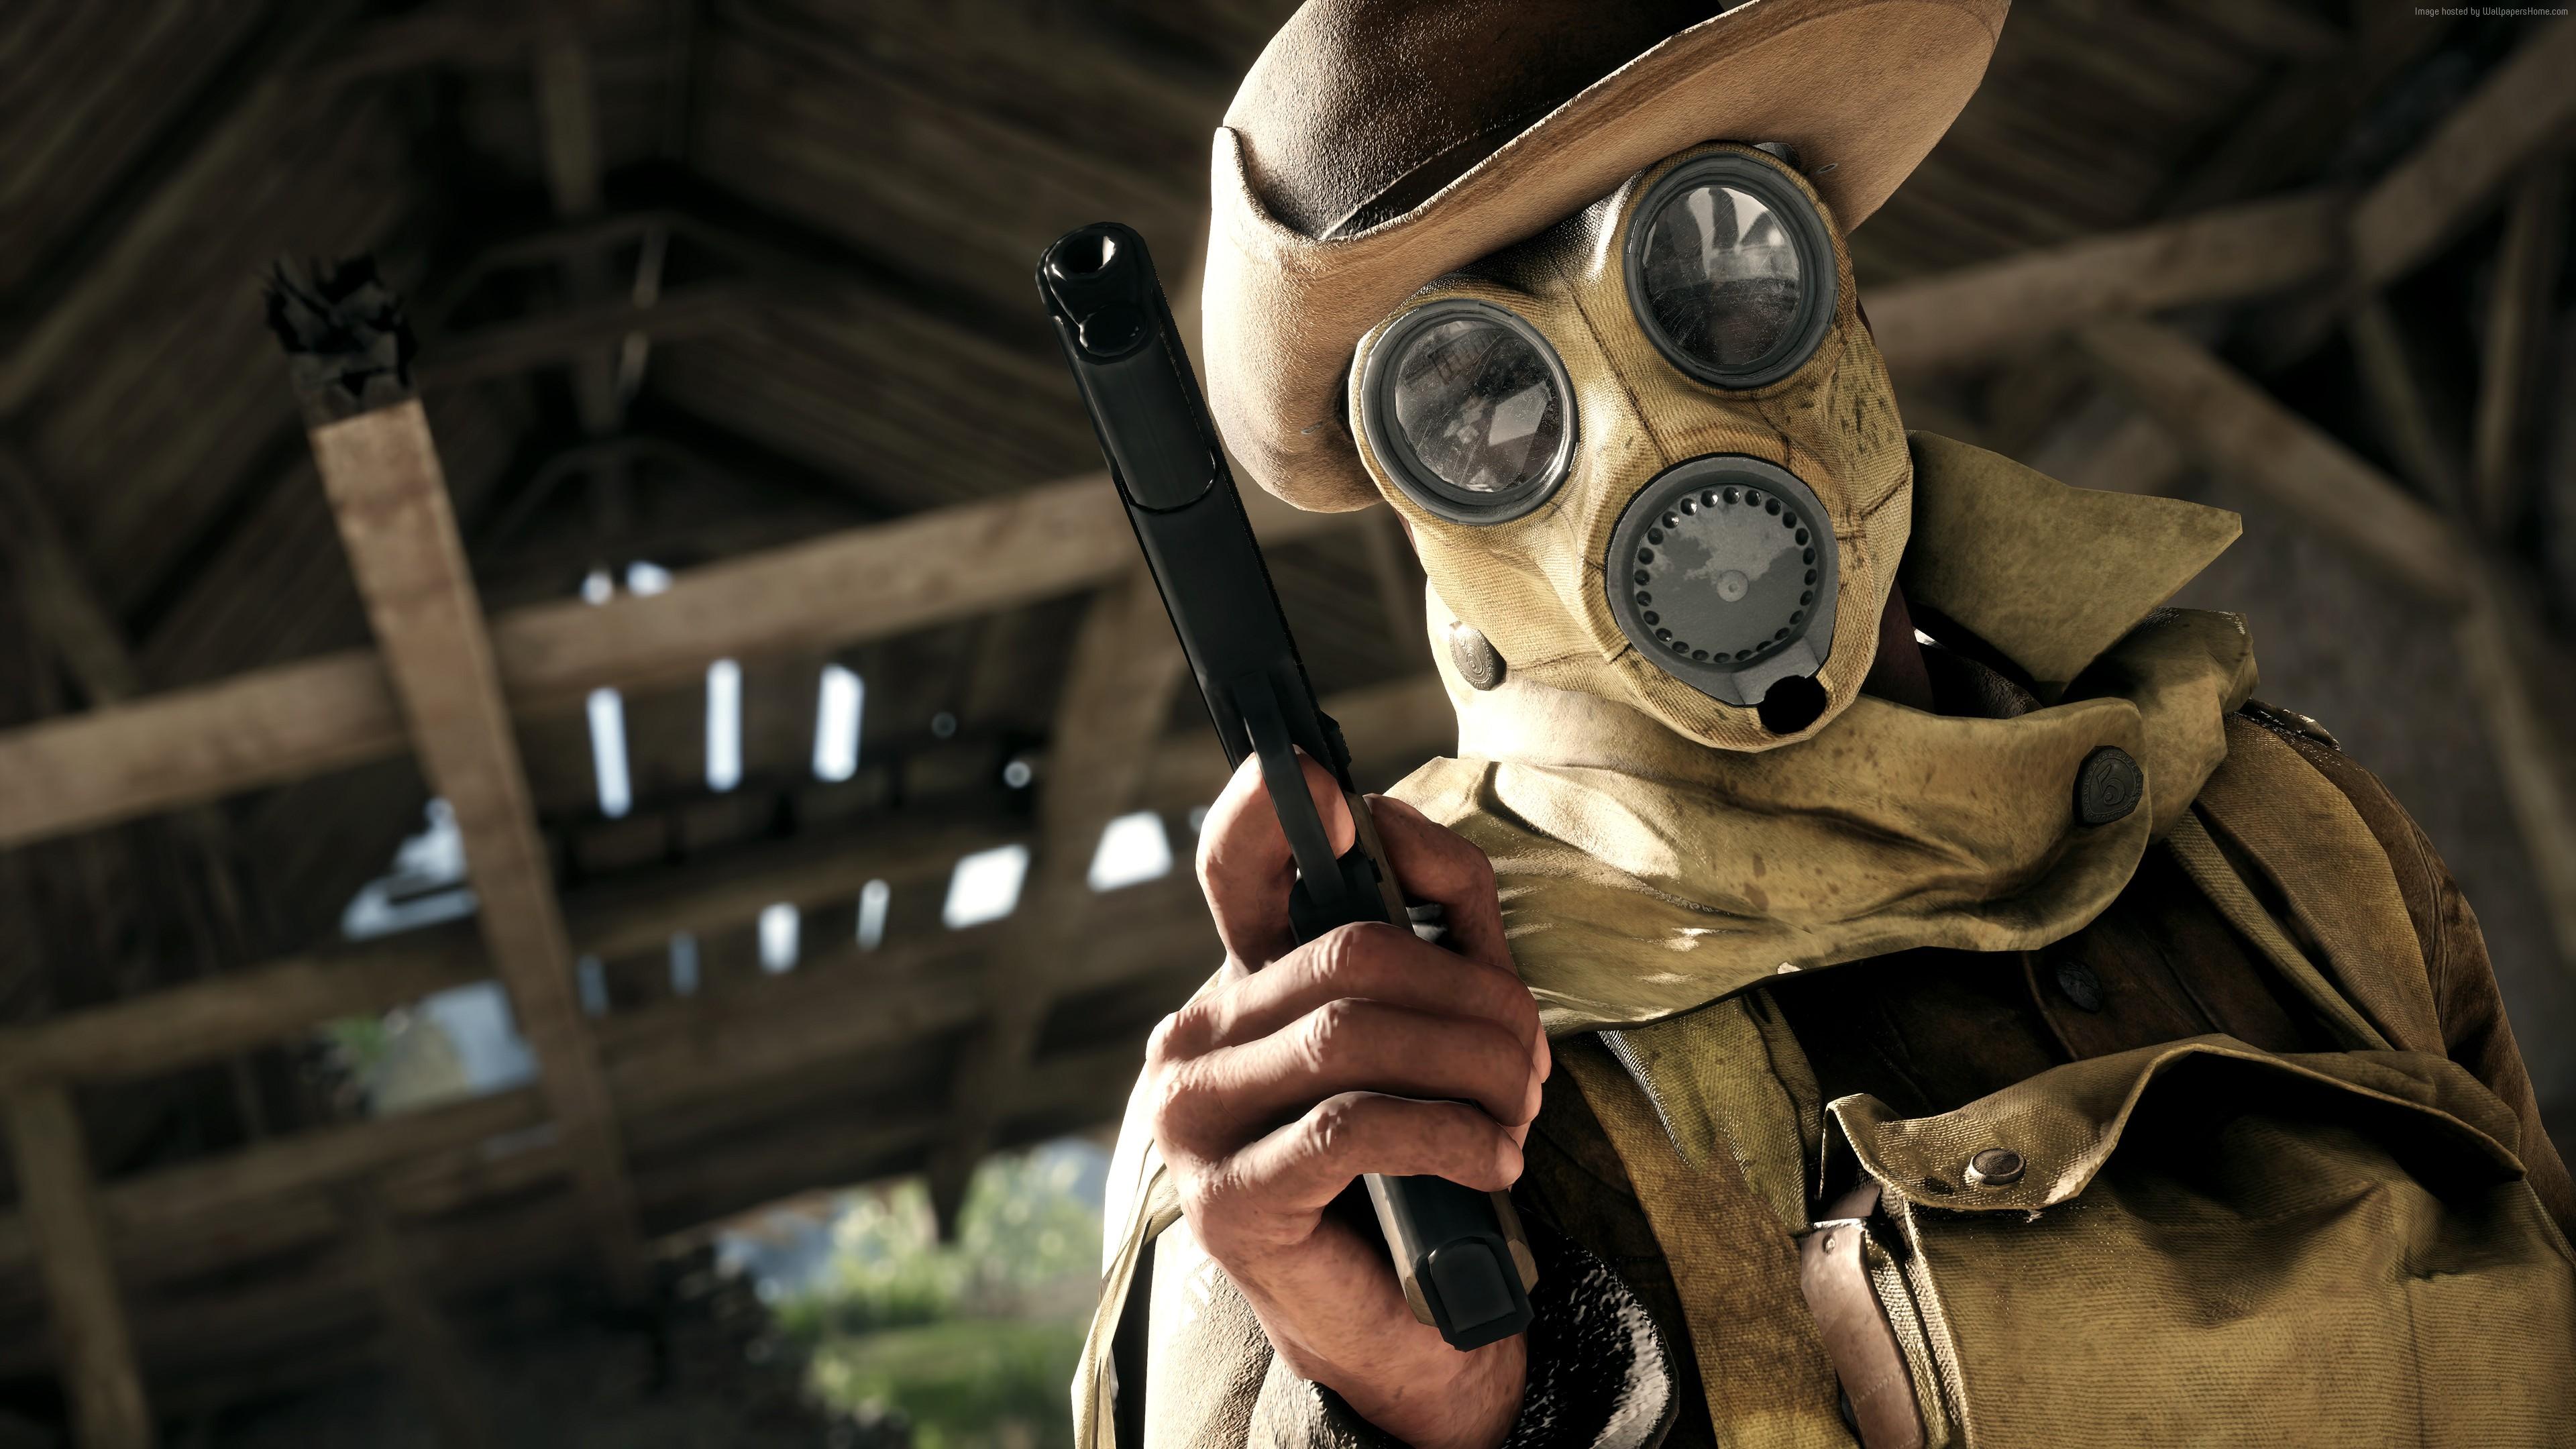 Battlefield 1 War Video Game Hd Wallpaper: Battlefield 1 Game HD, HD Games, 4k Wallpapers, Images